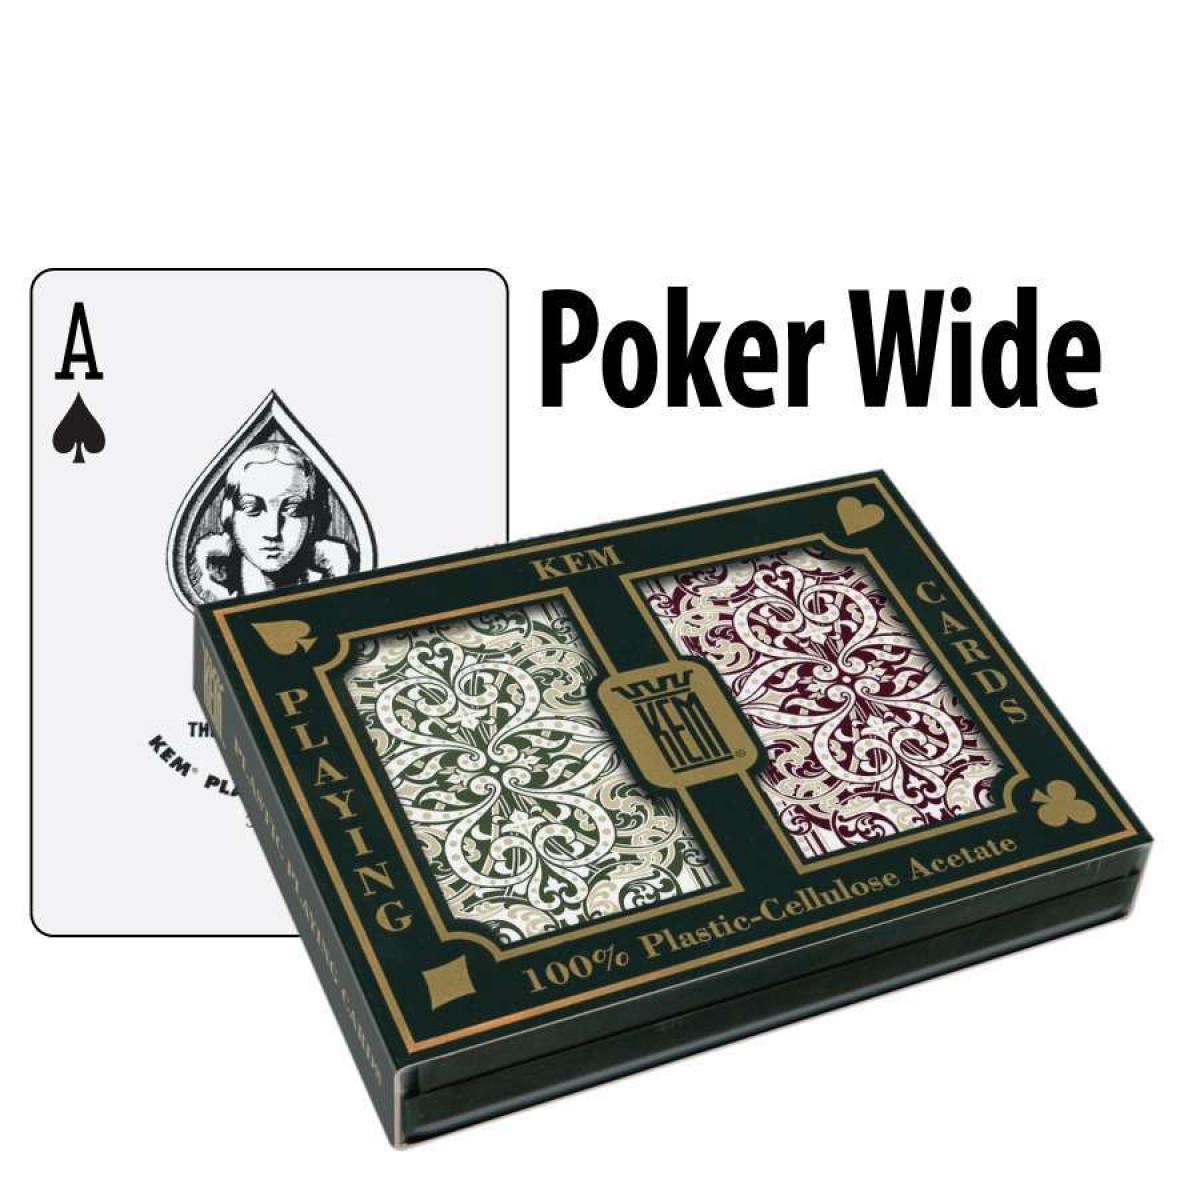 Kem Cards